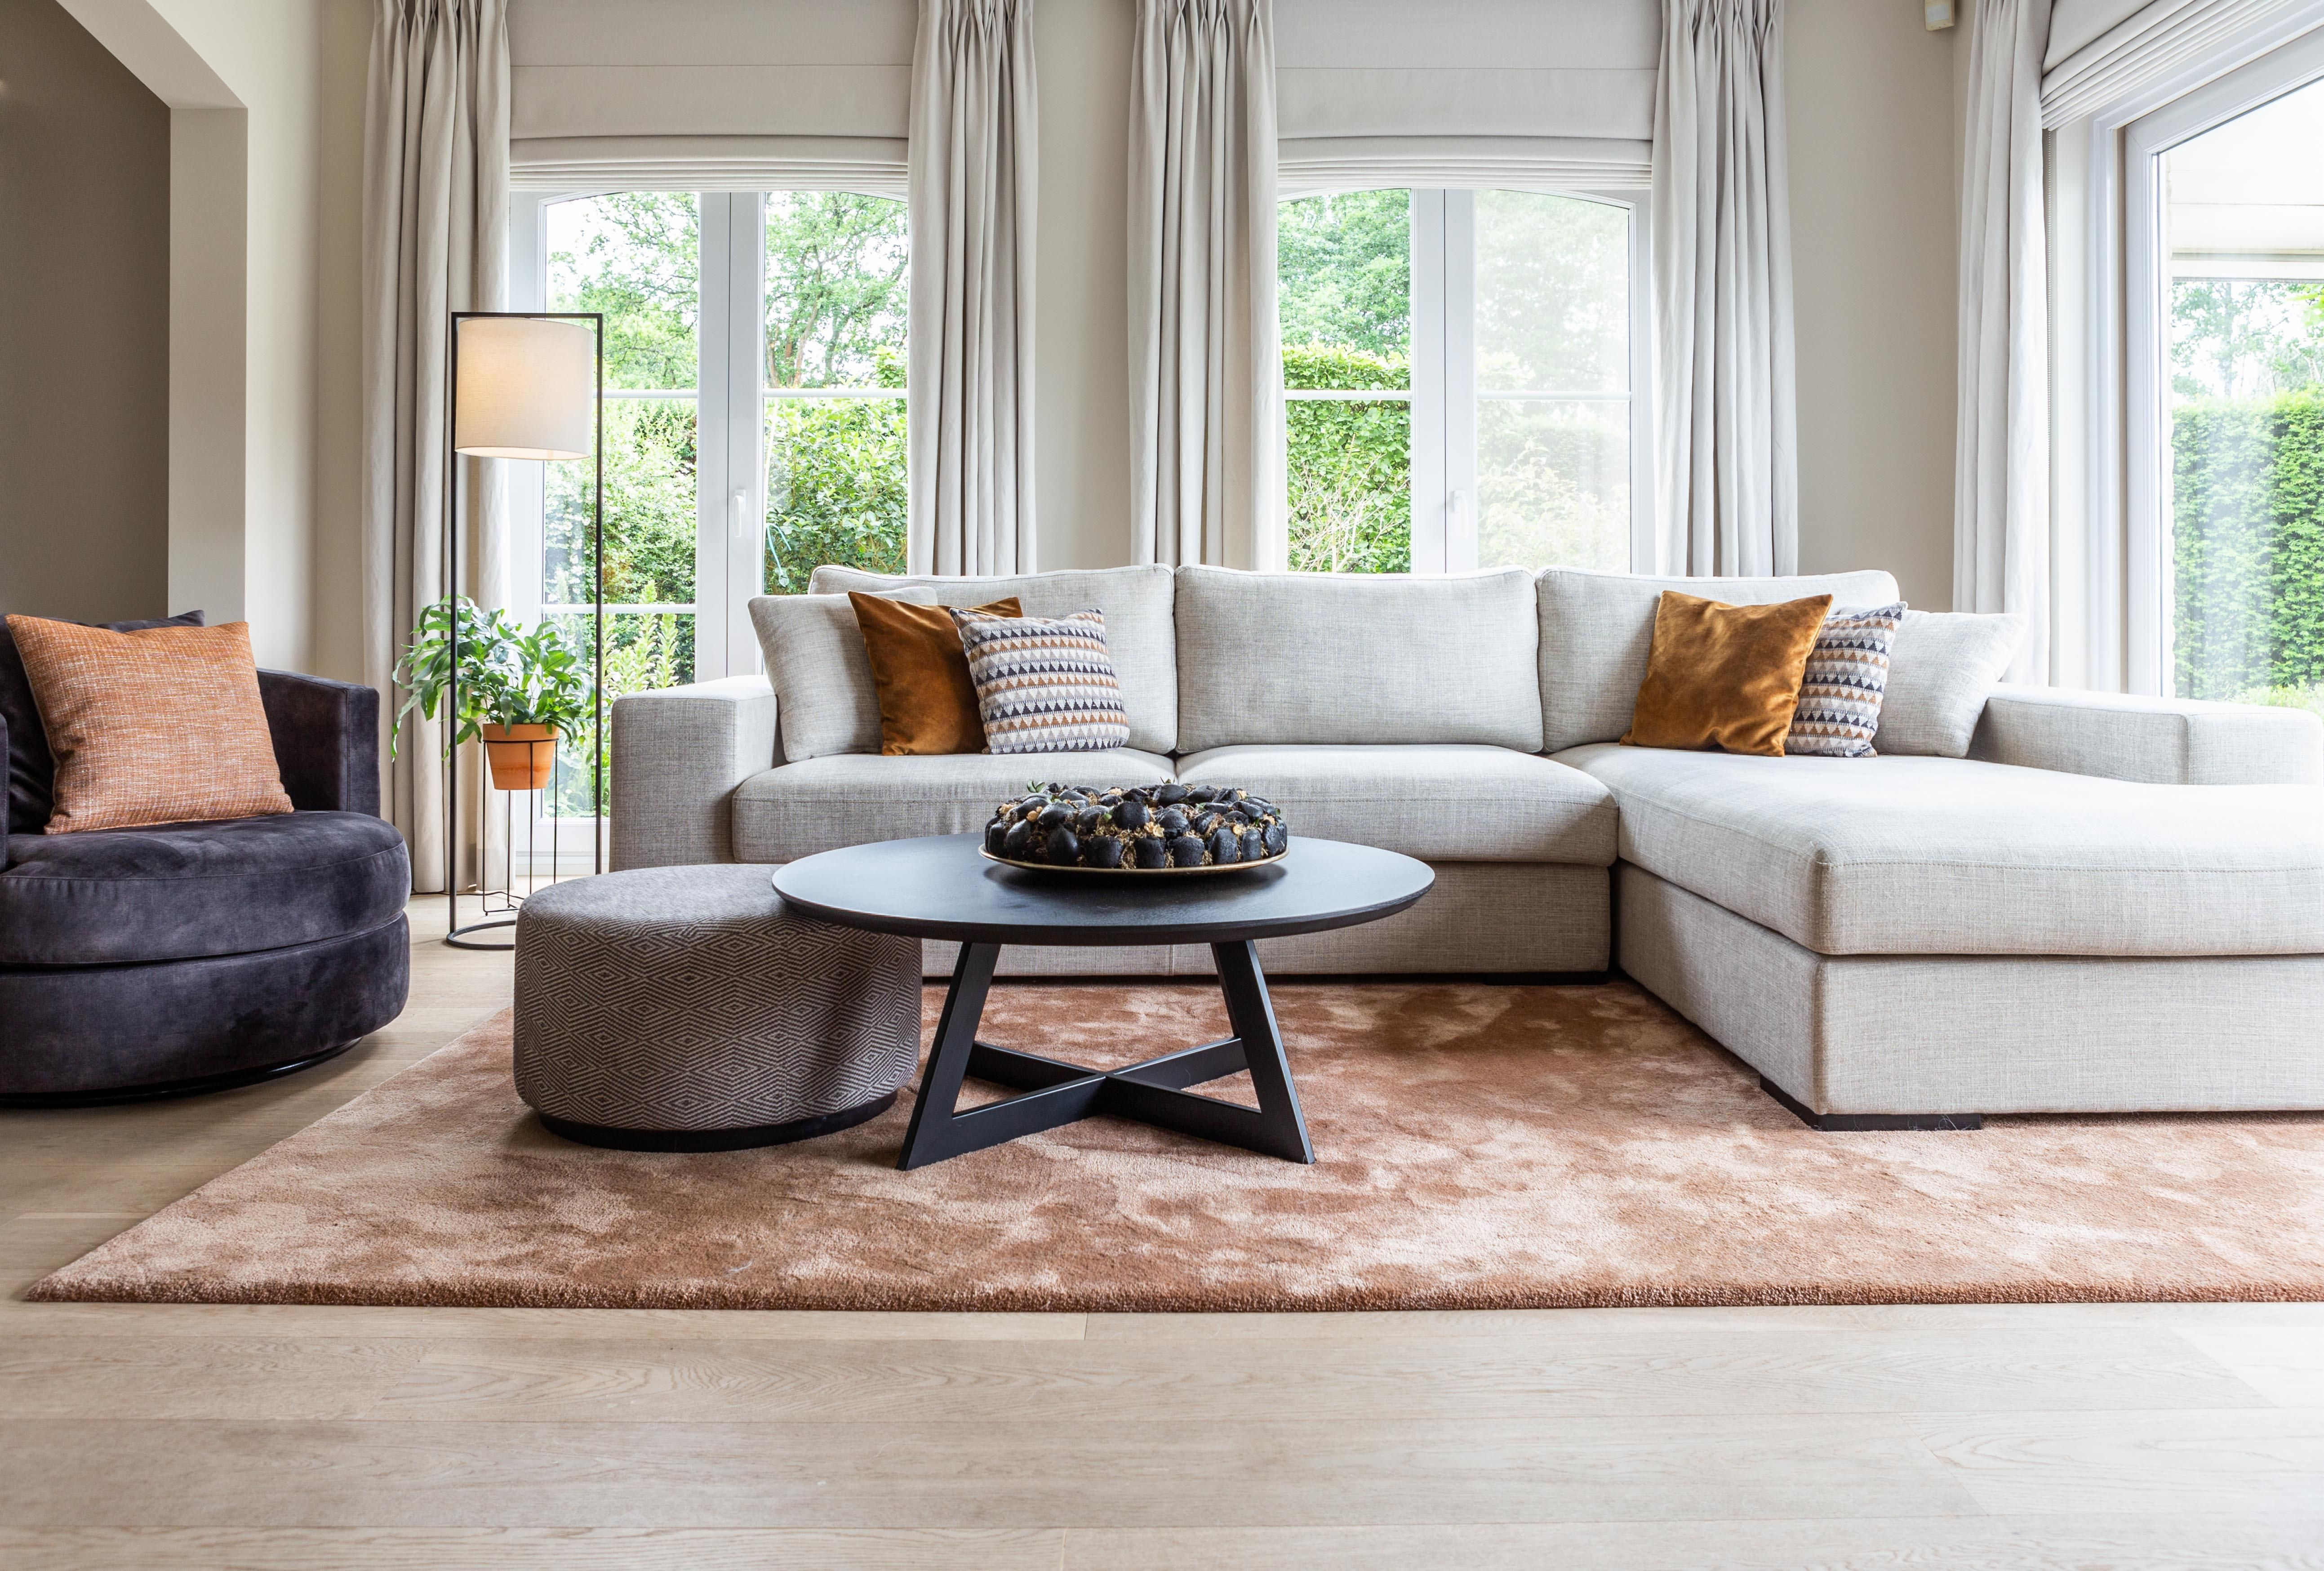 Met een neutrale zetel, speelse kussens en een subtiel gekleurd tapijt scoor je altijd!😍  #homeinteriors #homedecoration #decointerieur #interieurinspiratie #decorationinterieur #interieuraddict #dreaminterior #interiortip #cozyinterior #interior4all #interiorgoals #interiores #interiorinspo #interiorlovers #homeandliving #woonkamer #woonkamerinspiratie #woonkameridee #sofa #pillowlove #pillowcover